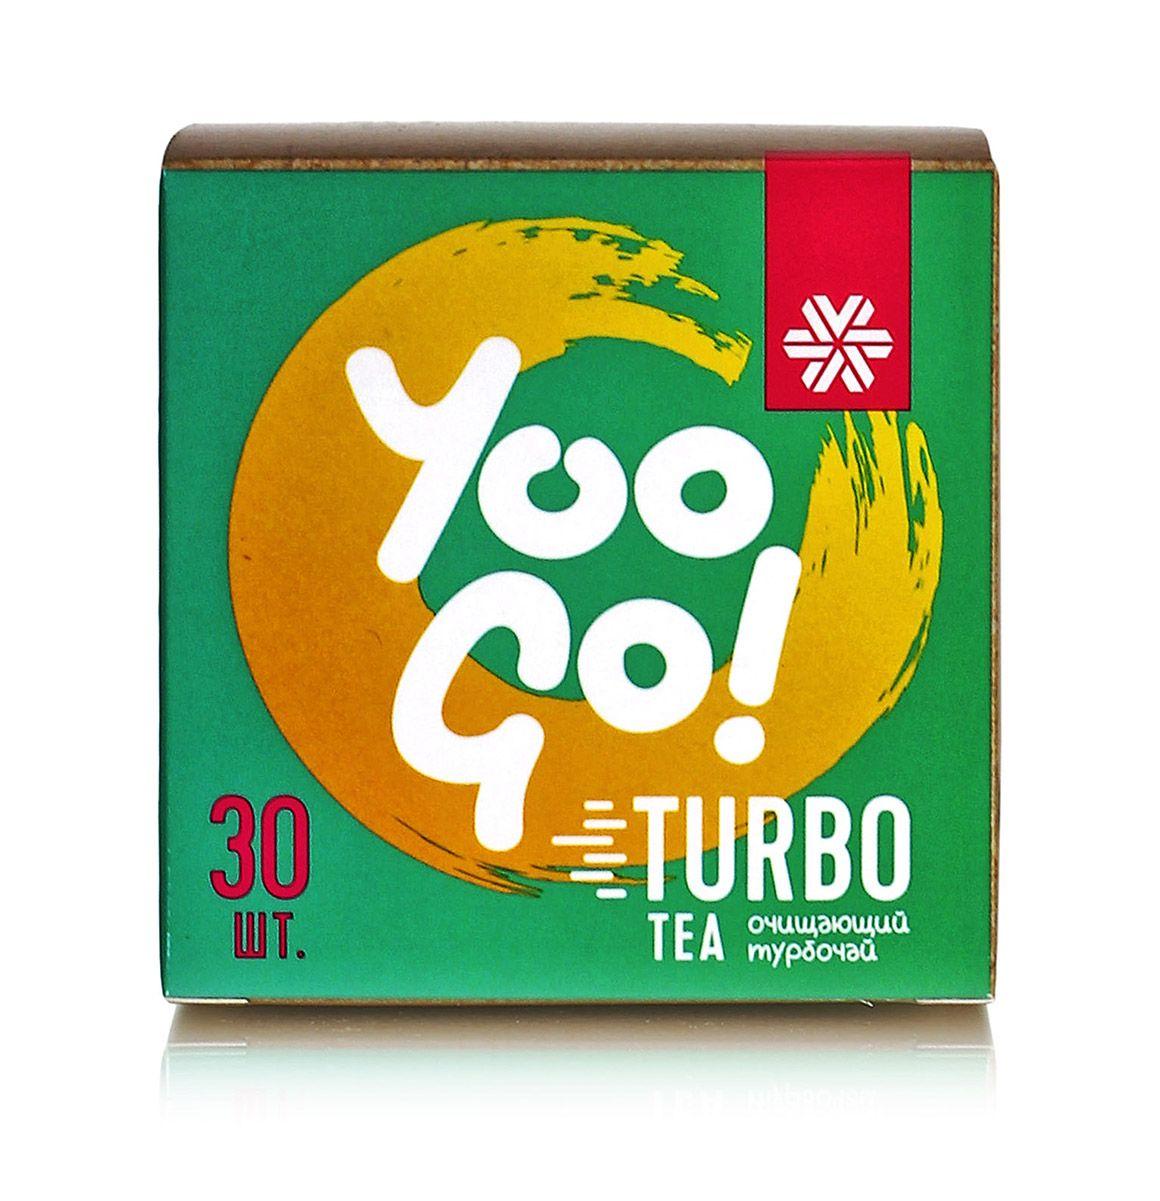 Trà thảo mộc YOO GO Turbo tea - Trà T body Siberian mẫu mới (hỗ trợ giảm cân)